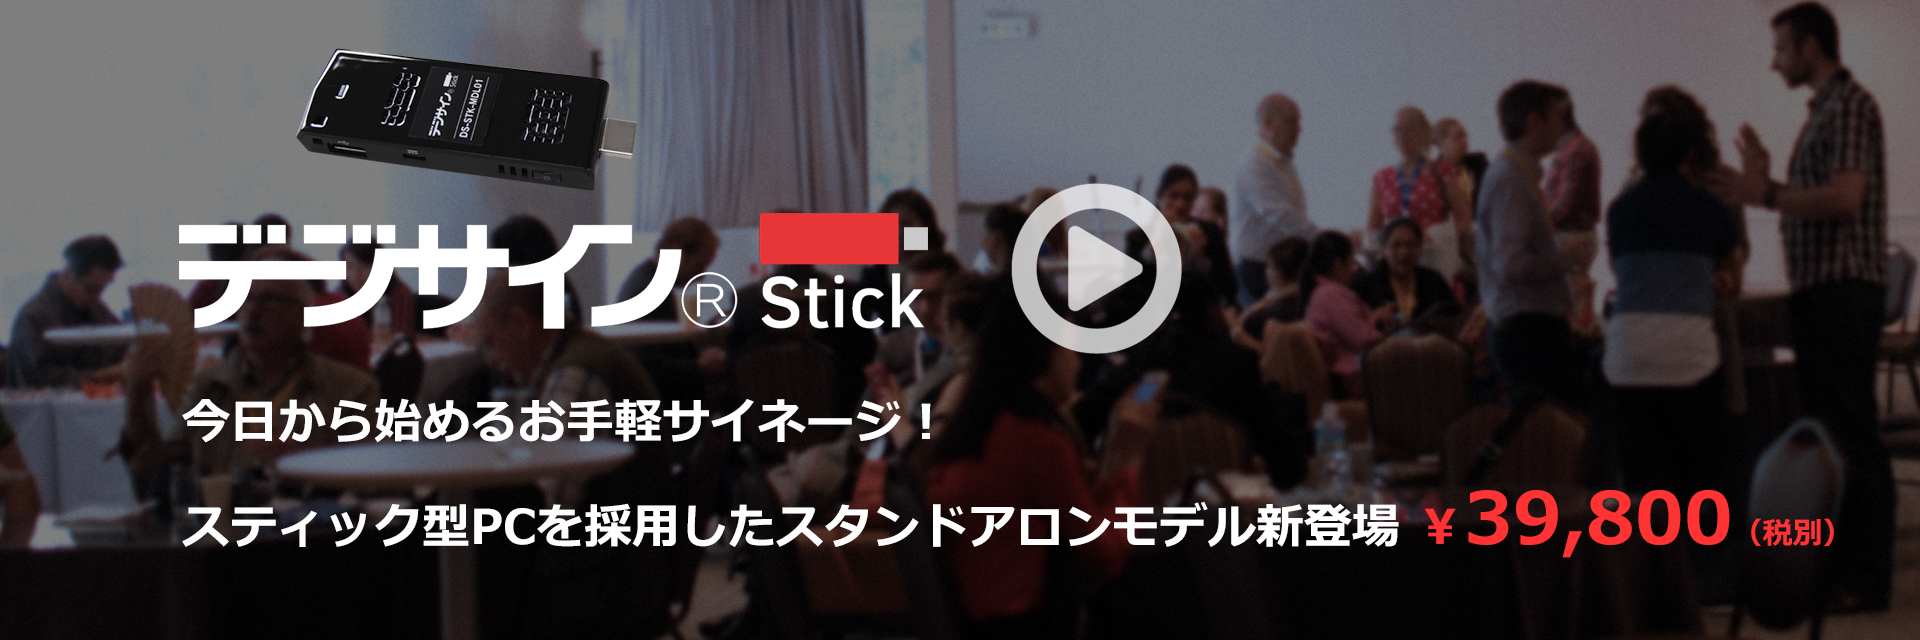 デジサインStick 今日から始めるお手軽デジタルサイネージ